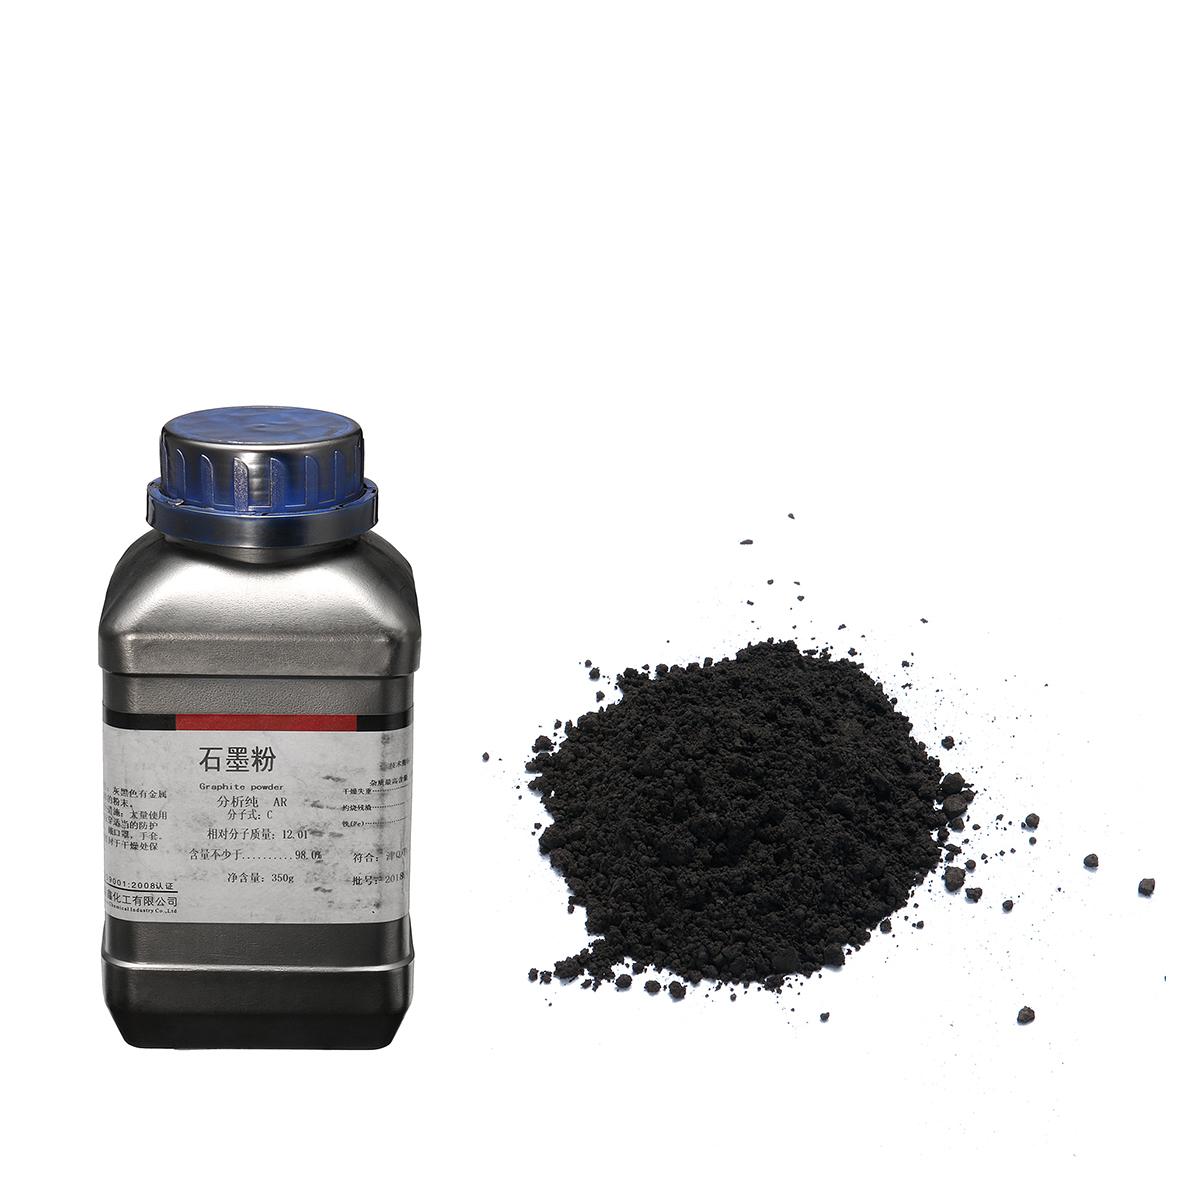 350 г Порошок черного графита 5 Микрона ультра тонкий 99,9% Чистый Военный Сорт - фото 2